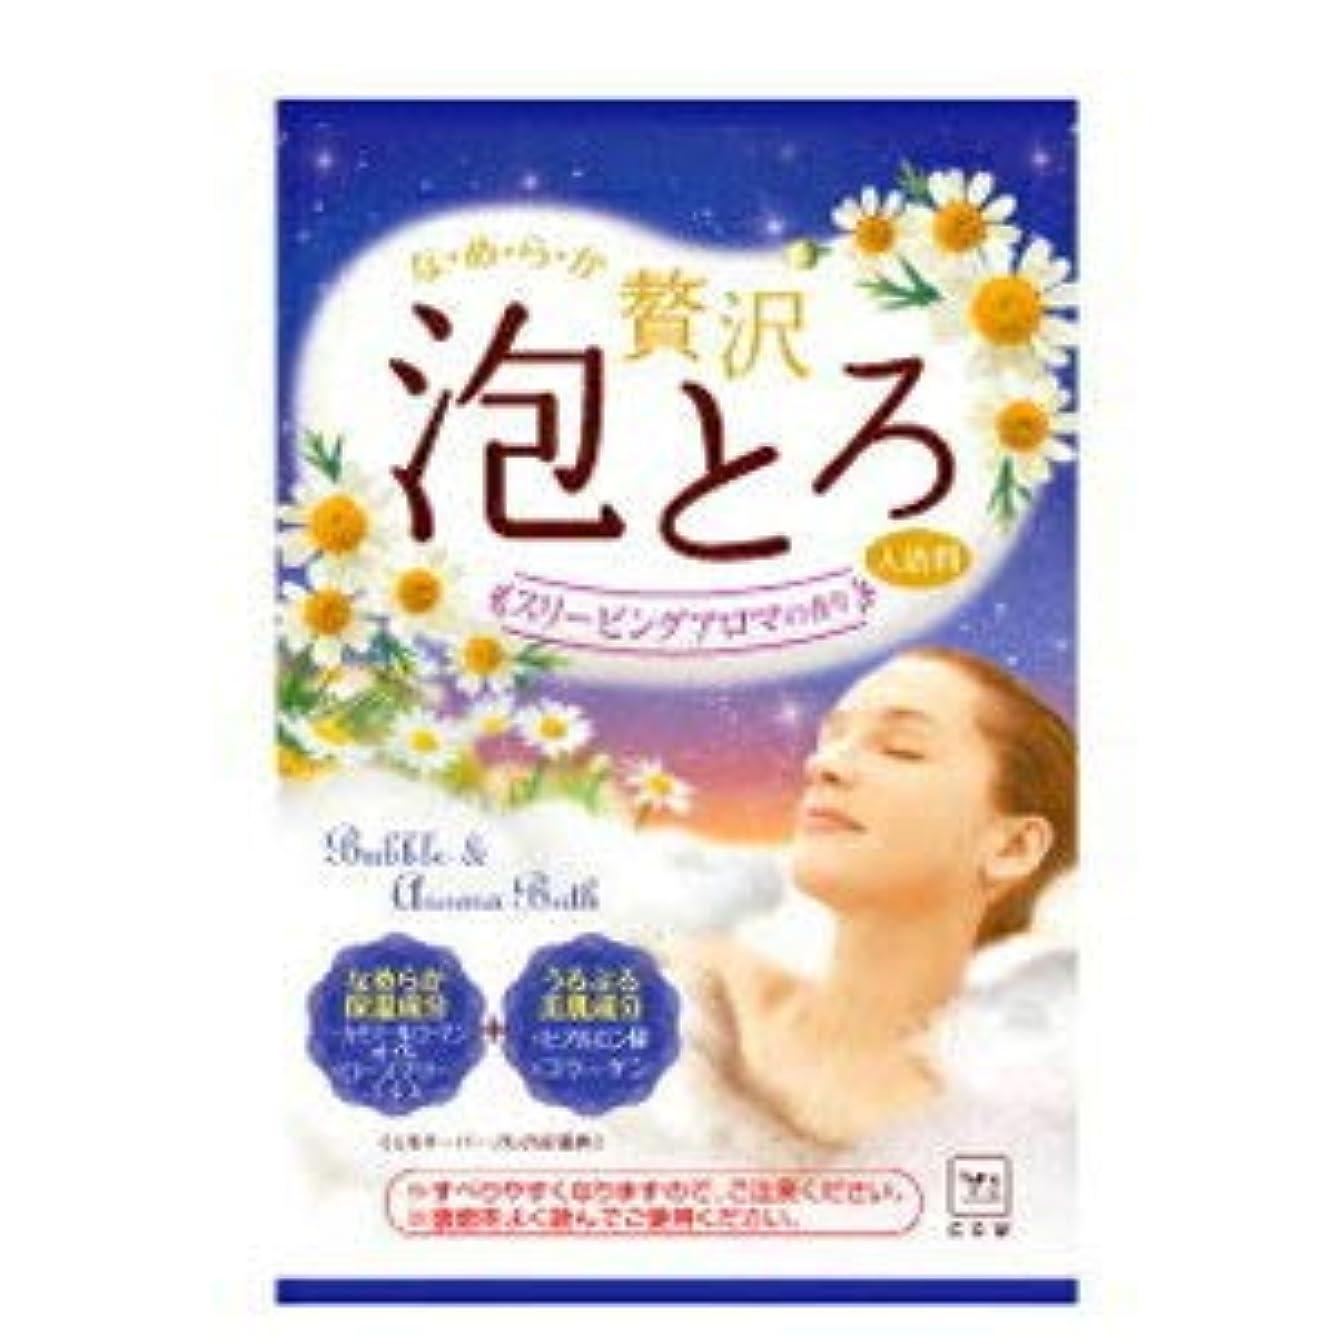 亜熱帯ミシン目ジャーナリスト牛乳石鹸 お湯物語 贅沢泡とろ 入浴料 スリーピングアロマ 30g 16個セット